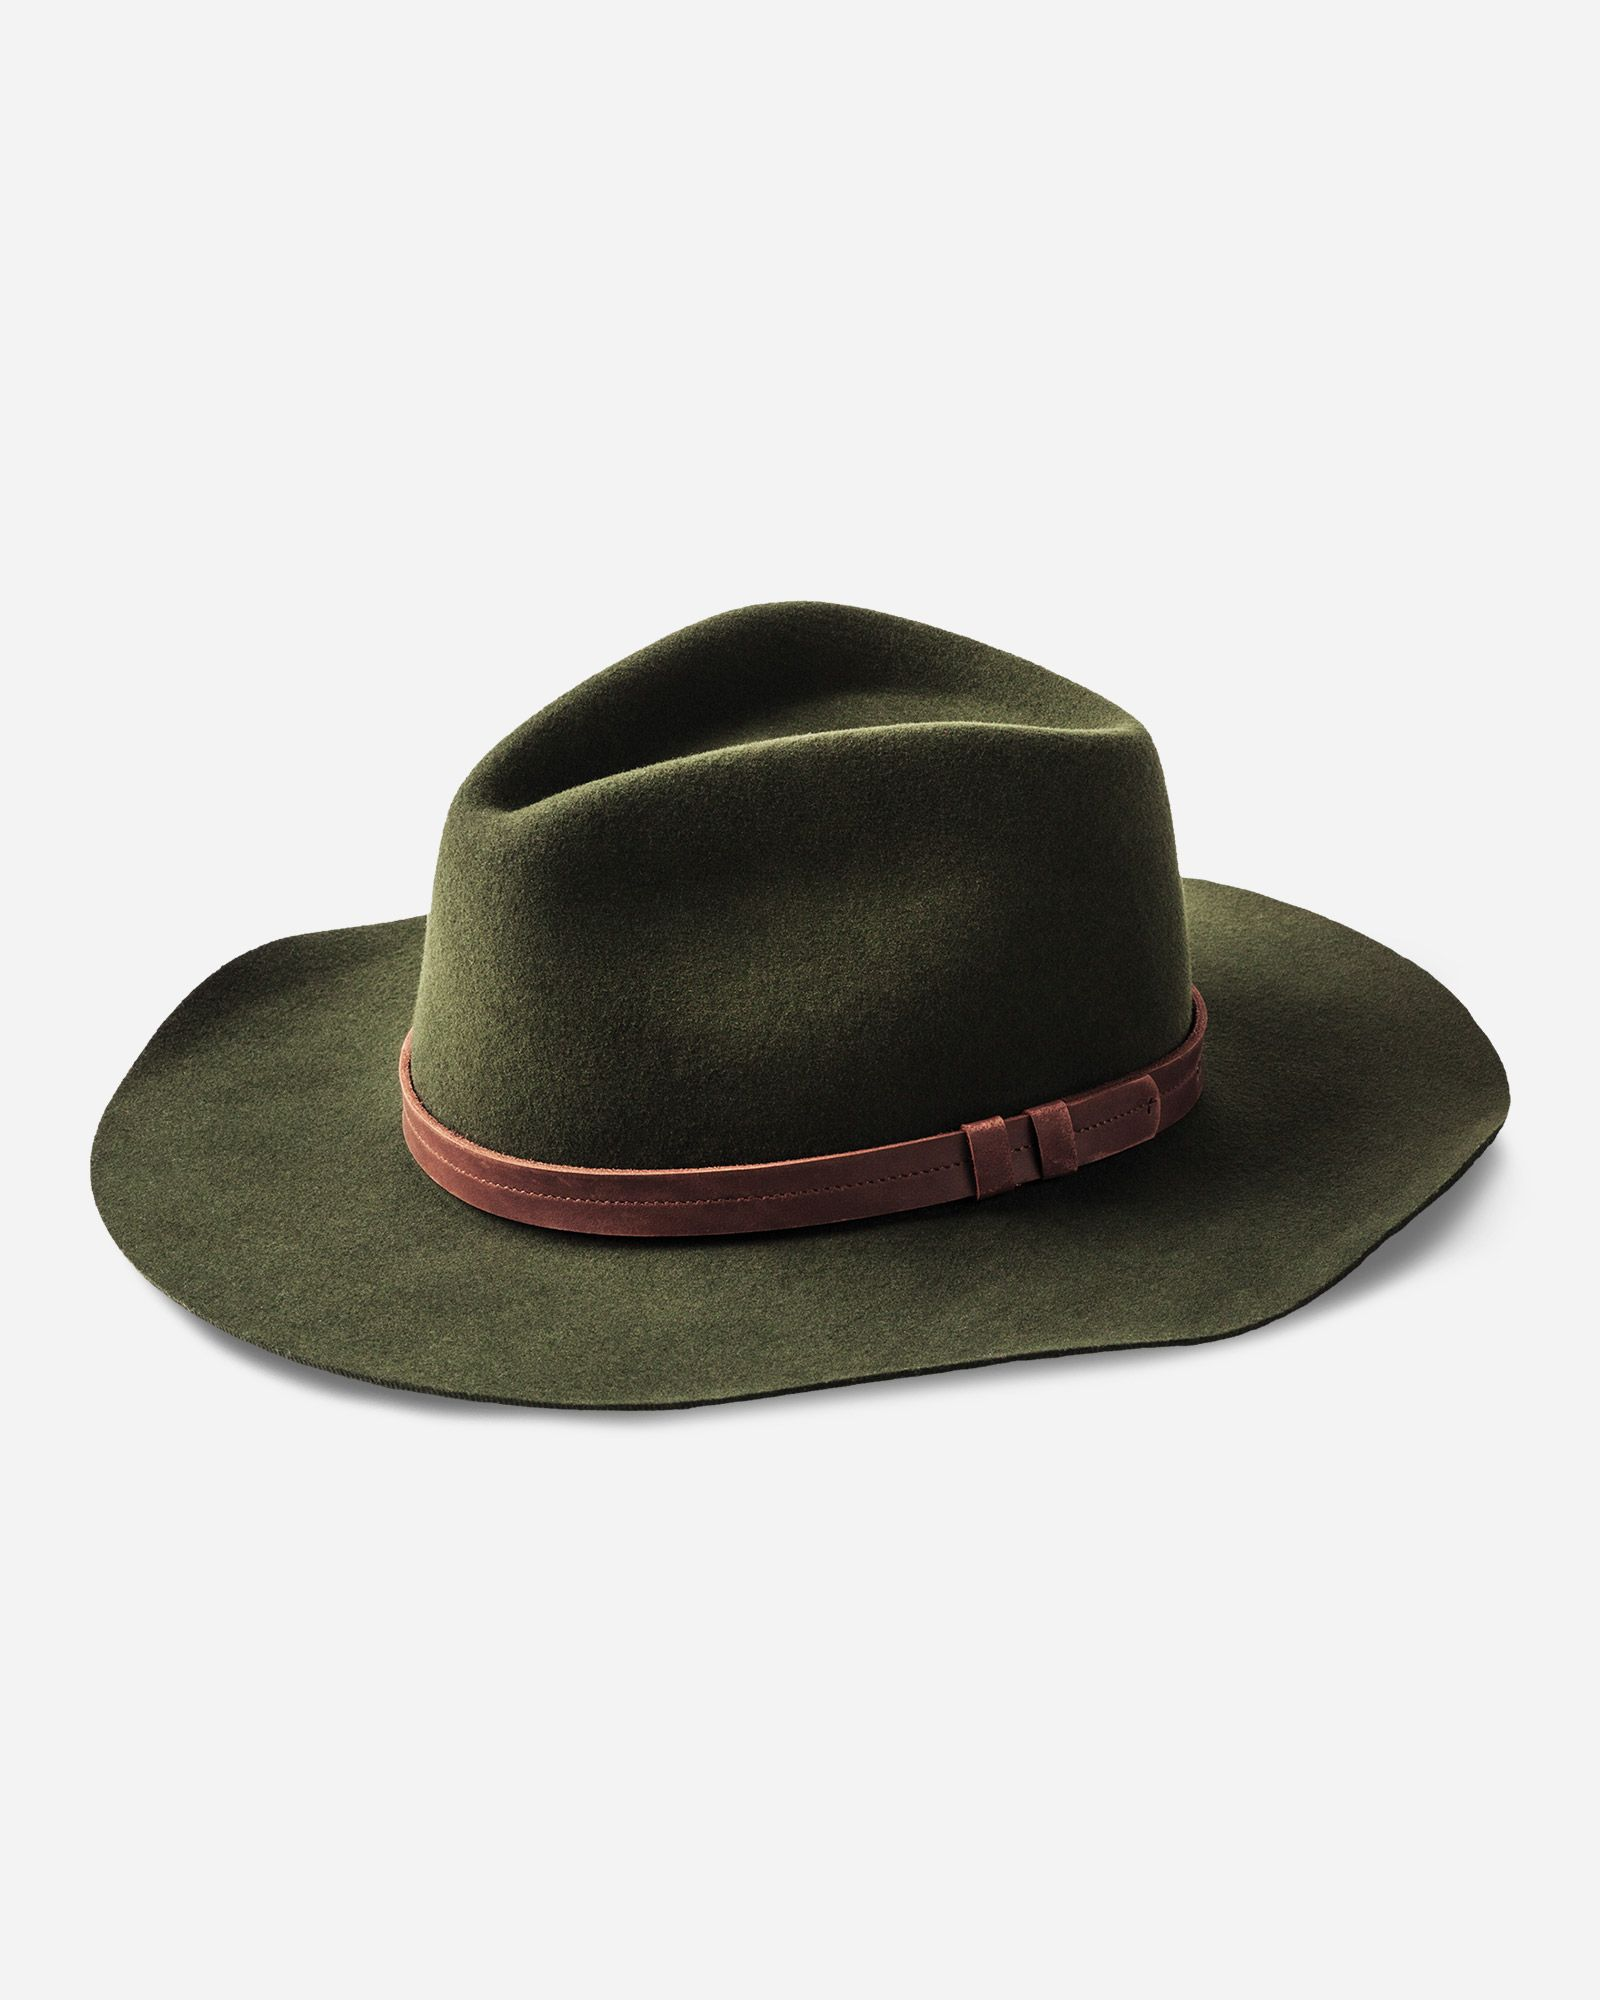 High quality brown wide brim 100/% wool felt fedora trilby hat X Large